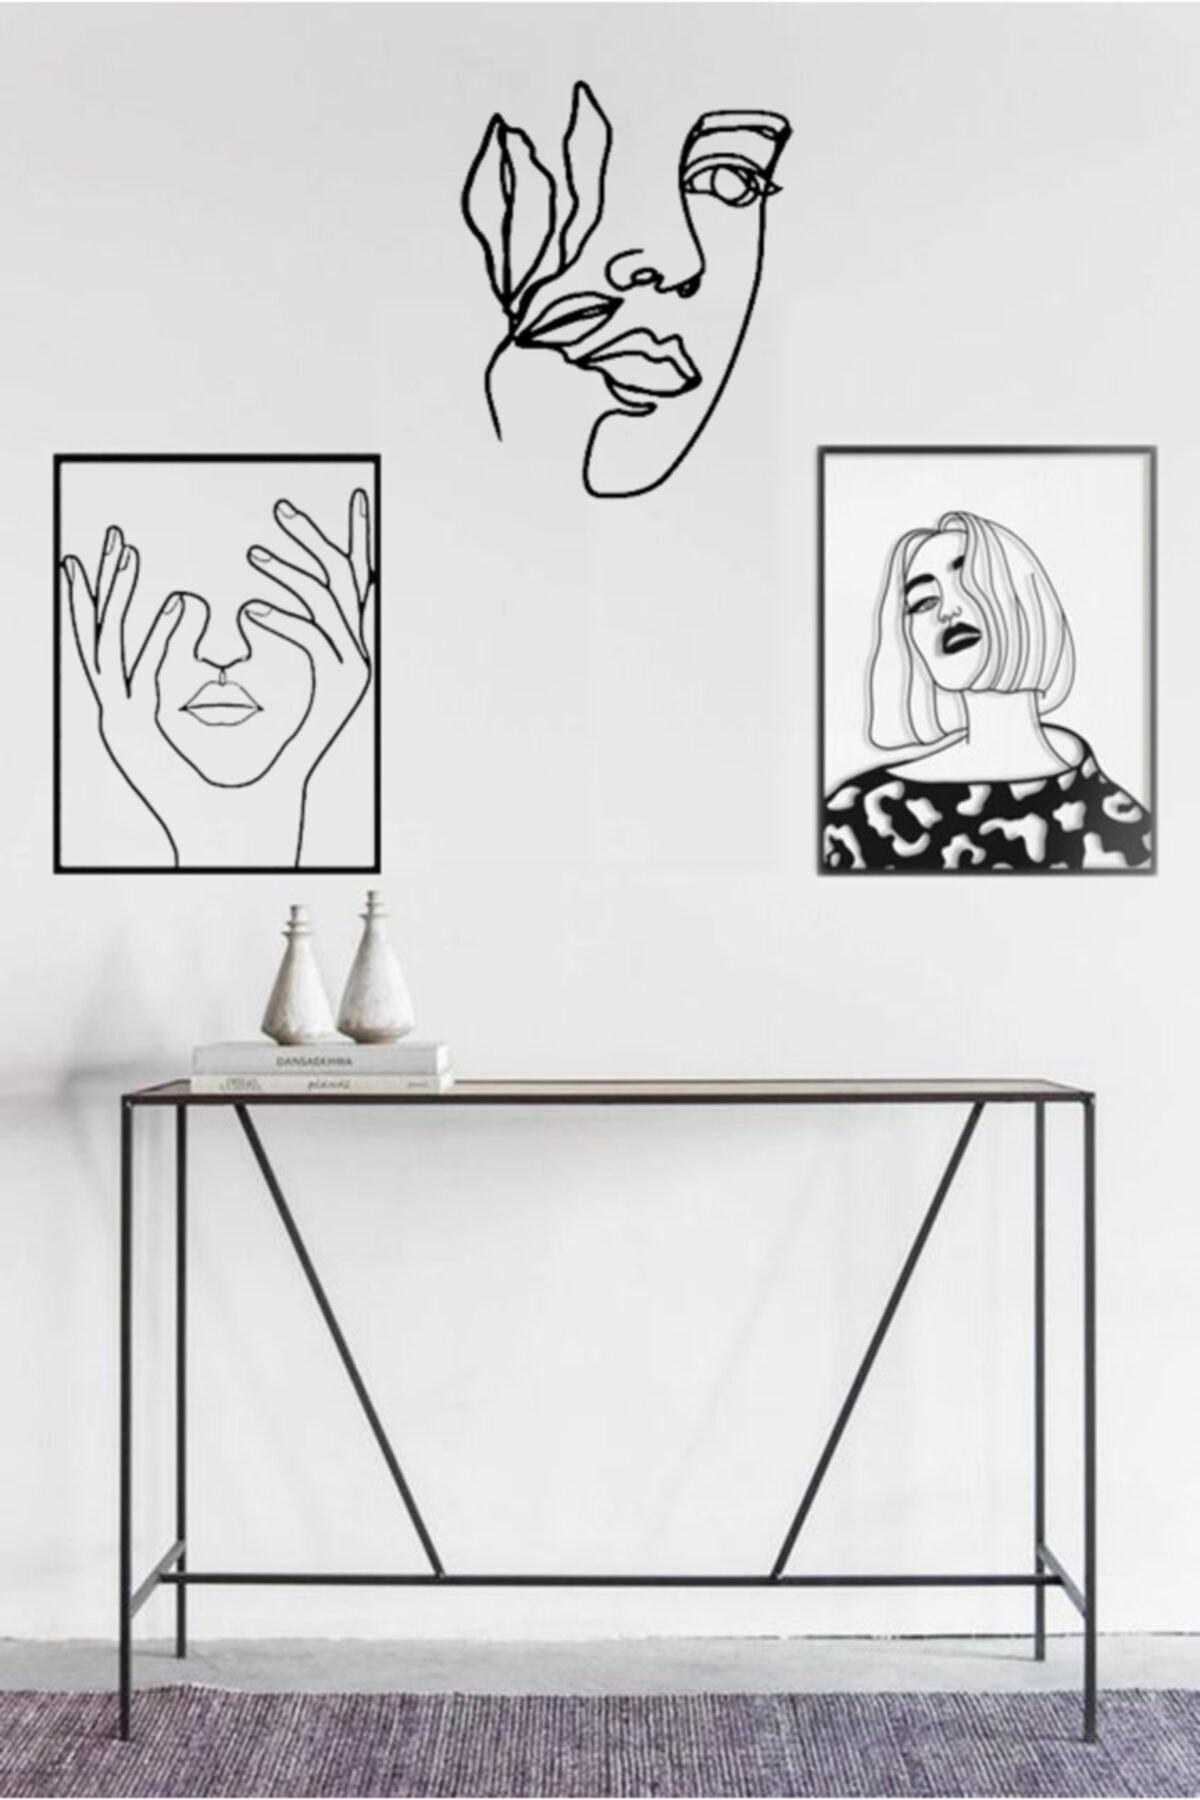 Muhteşem Üçlü Kadın Dekoratif Ahşap Tablo 2